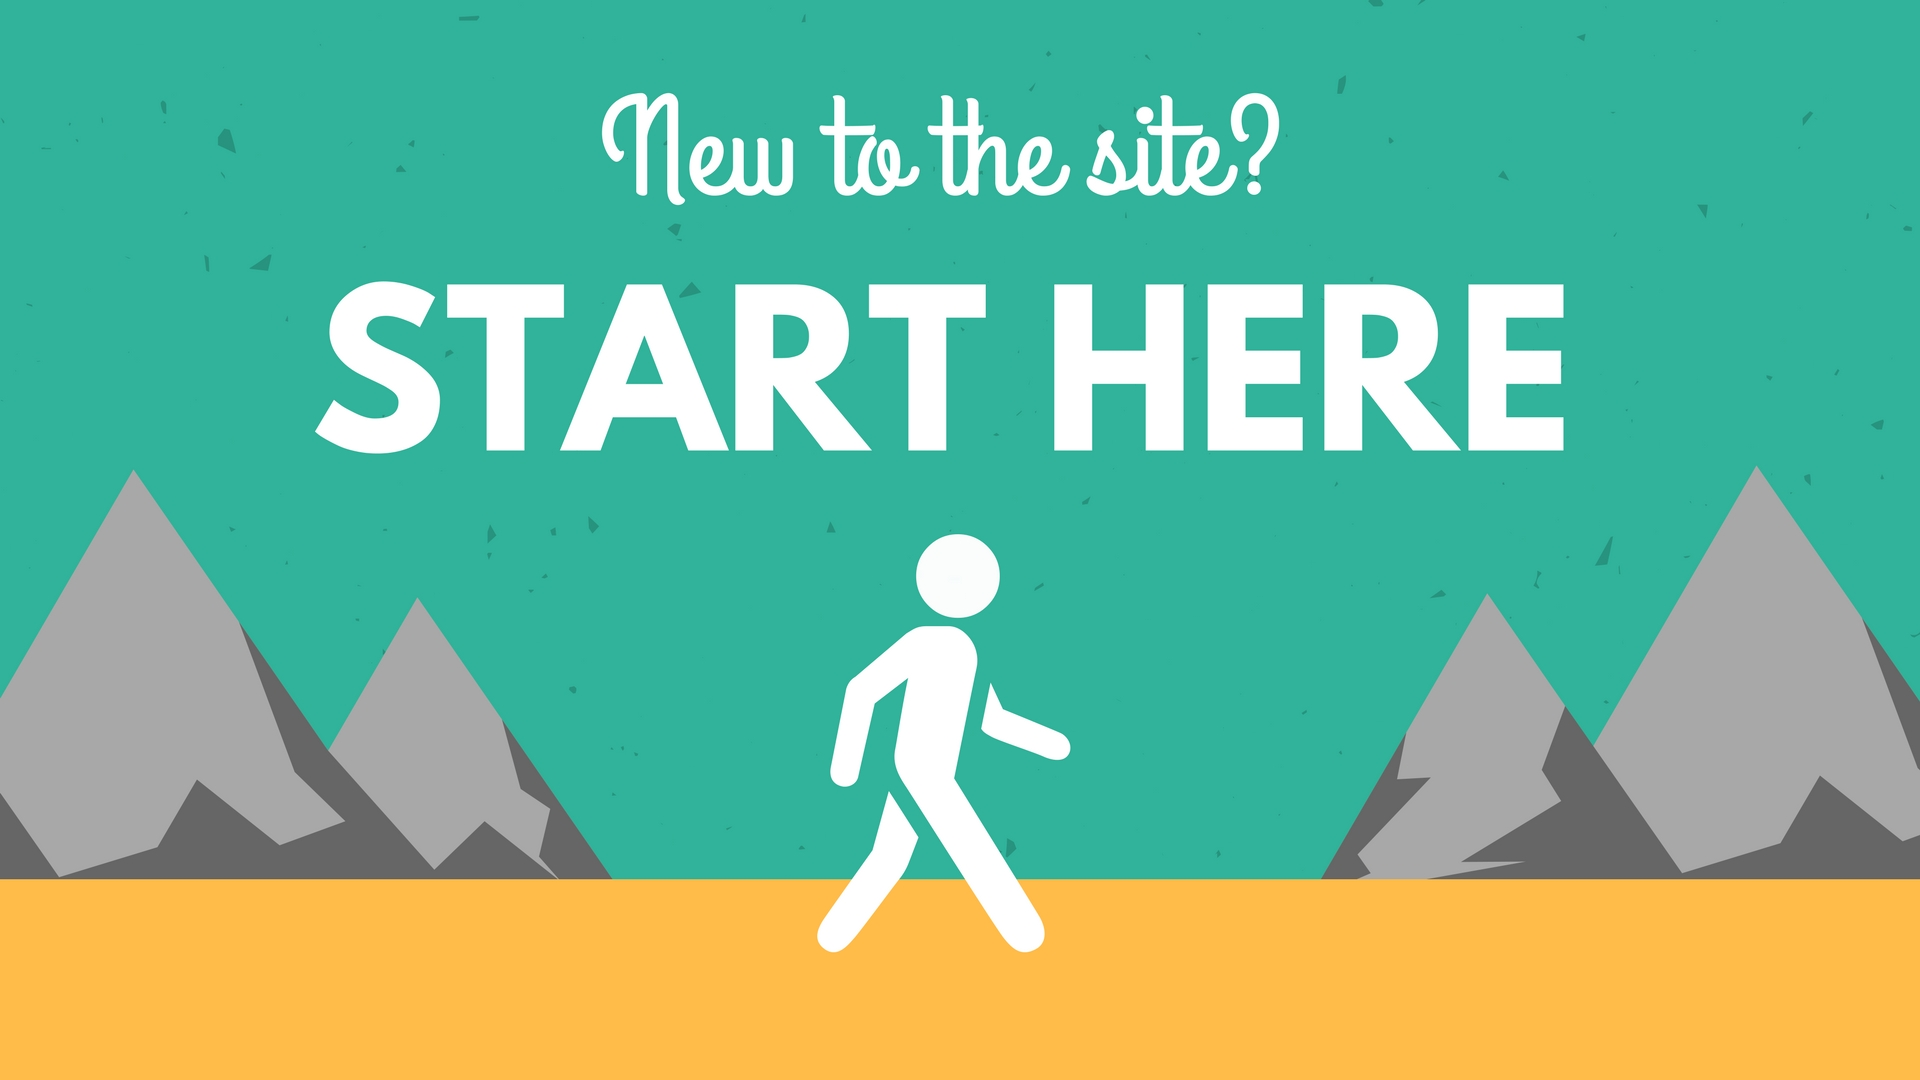 Start Here (1).jpg